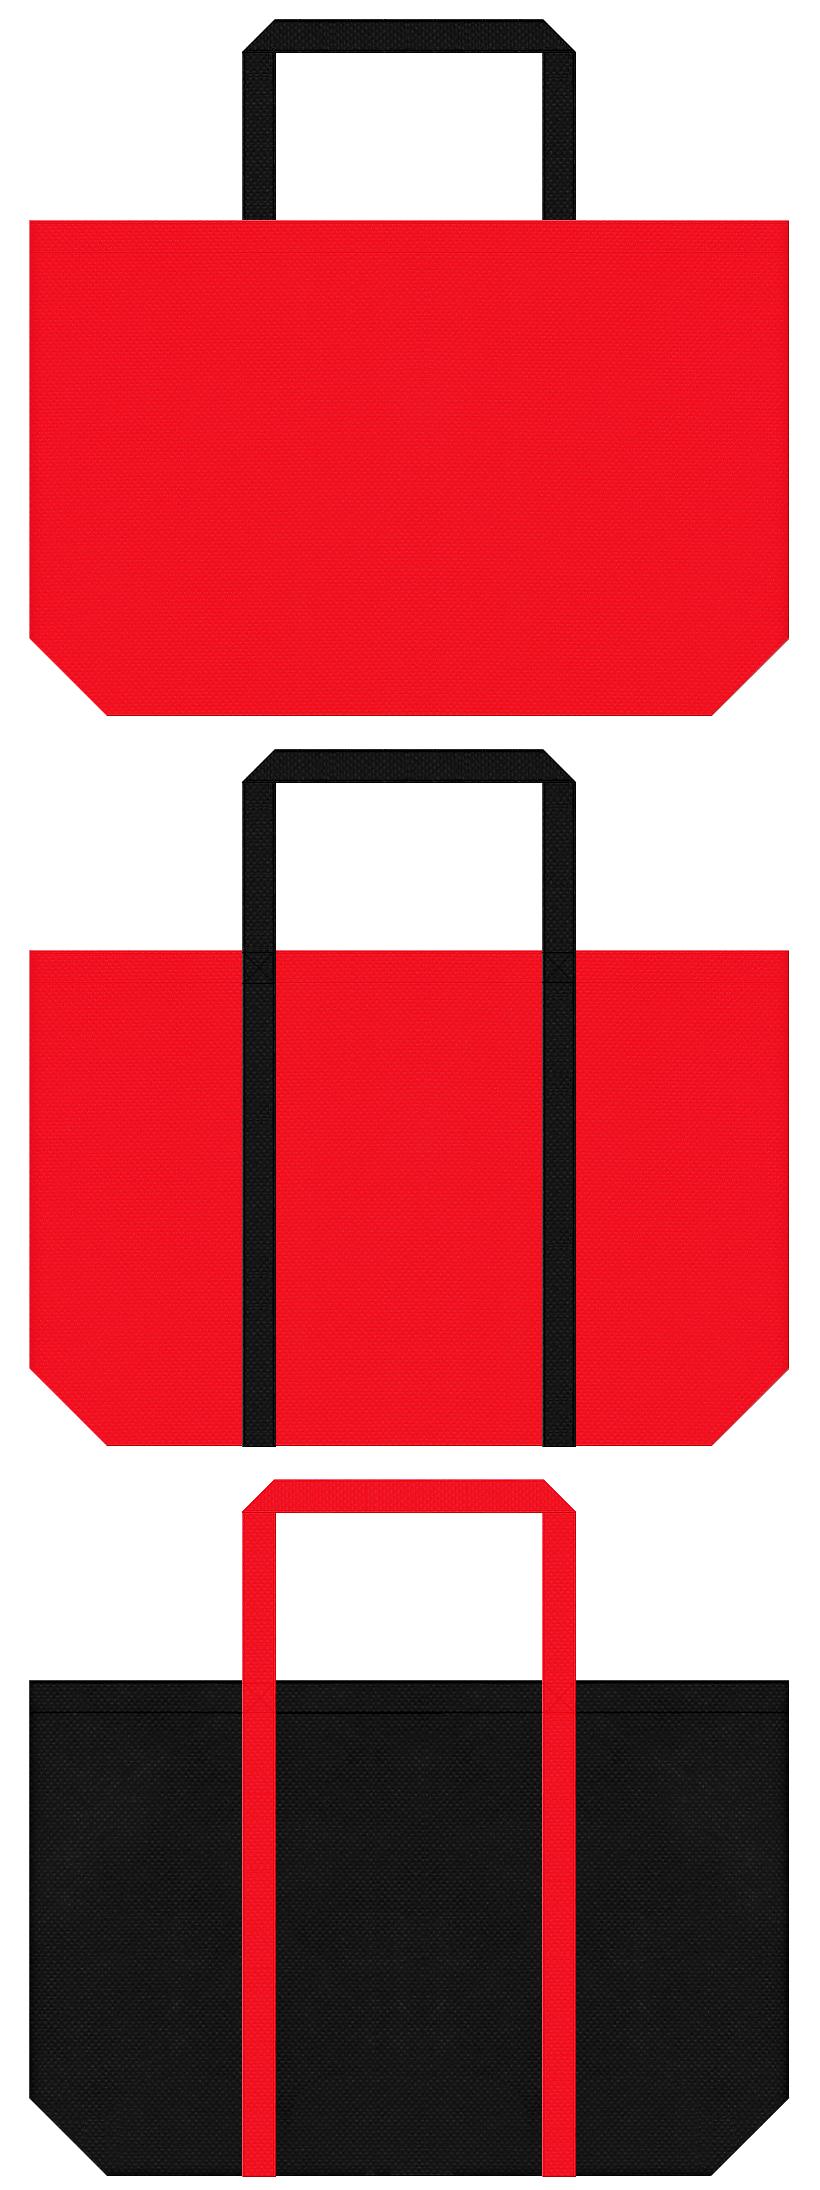 レスキュー・消防団・夏祭り・花火大会・御輿・縁日・法被・提灯・ダーツ・ルーレット・トランプ・カジノ・戦国・赤備え・アクションゲーム・シューティングゲーム・対戦型格闘ゲーム・ゲームの展示会用バッグにお奨めの不織布バッグデザイン:赤色と黒色のコーデ